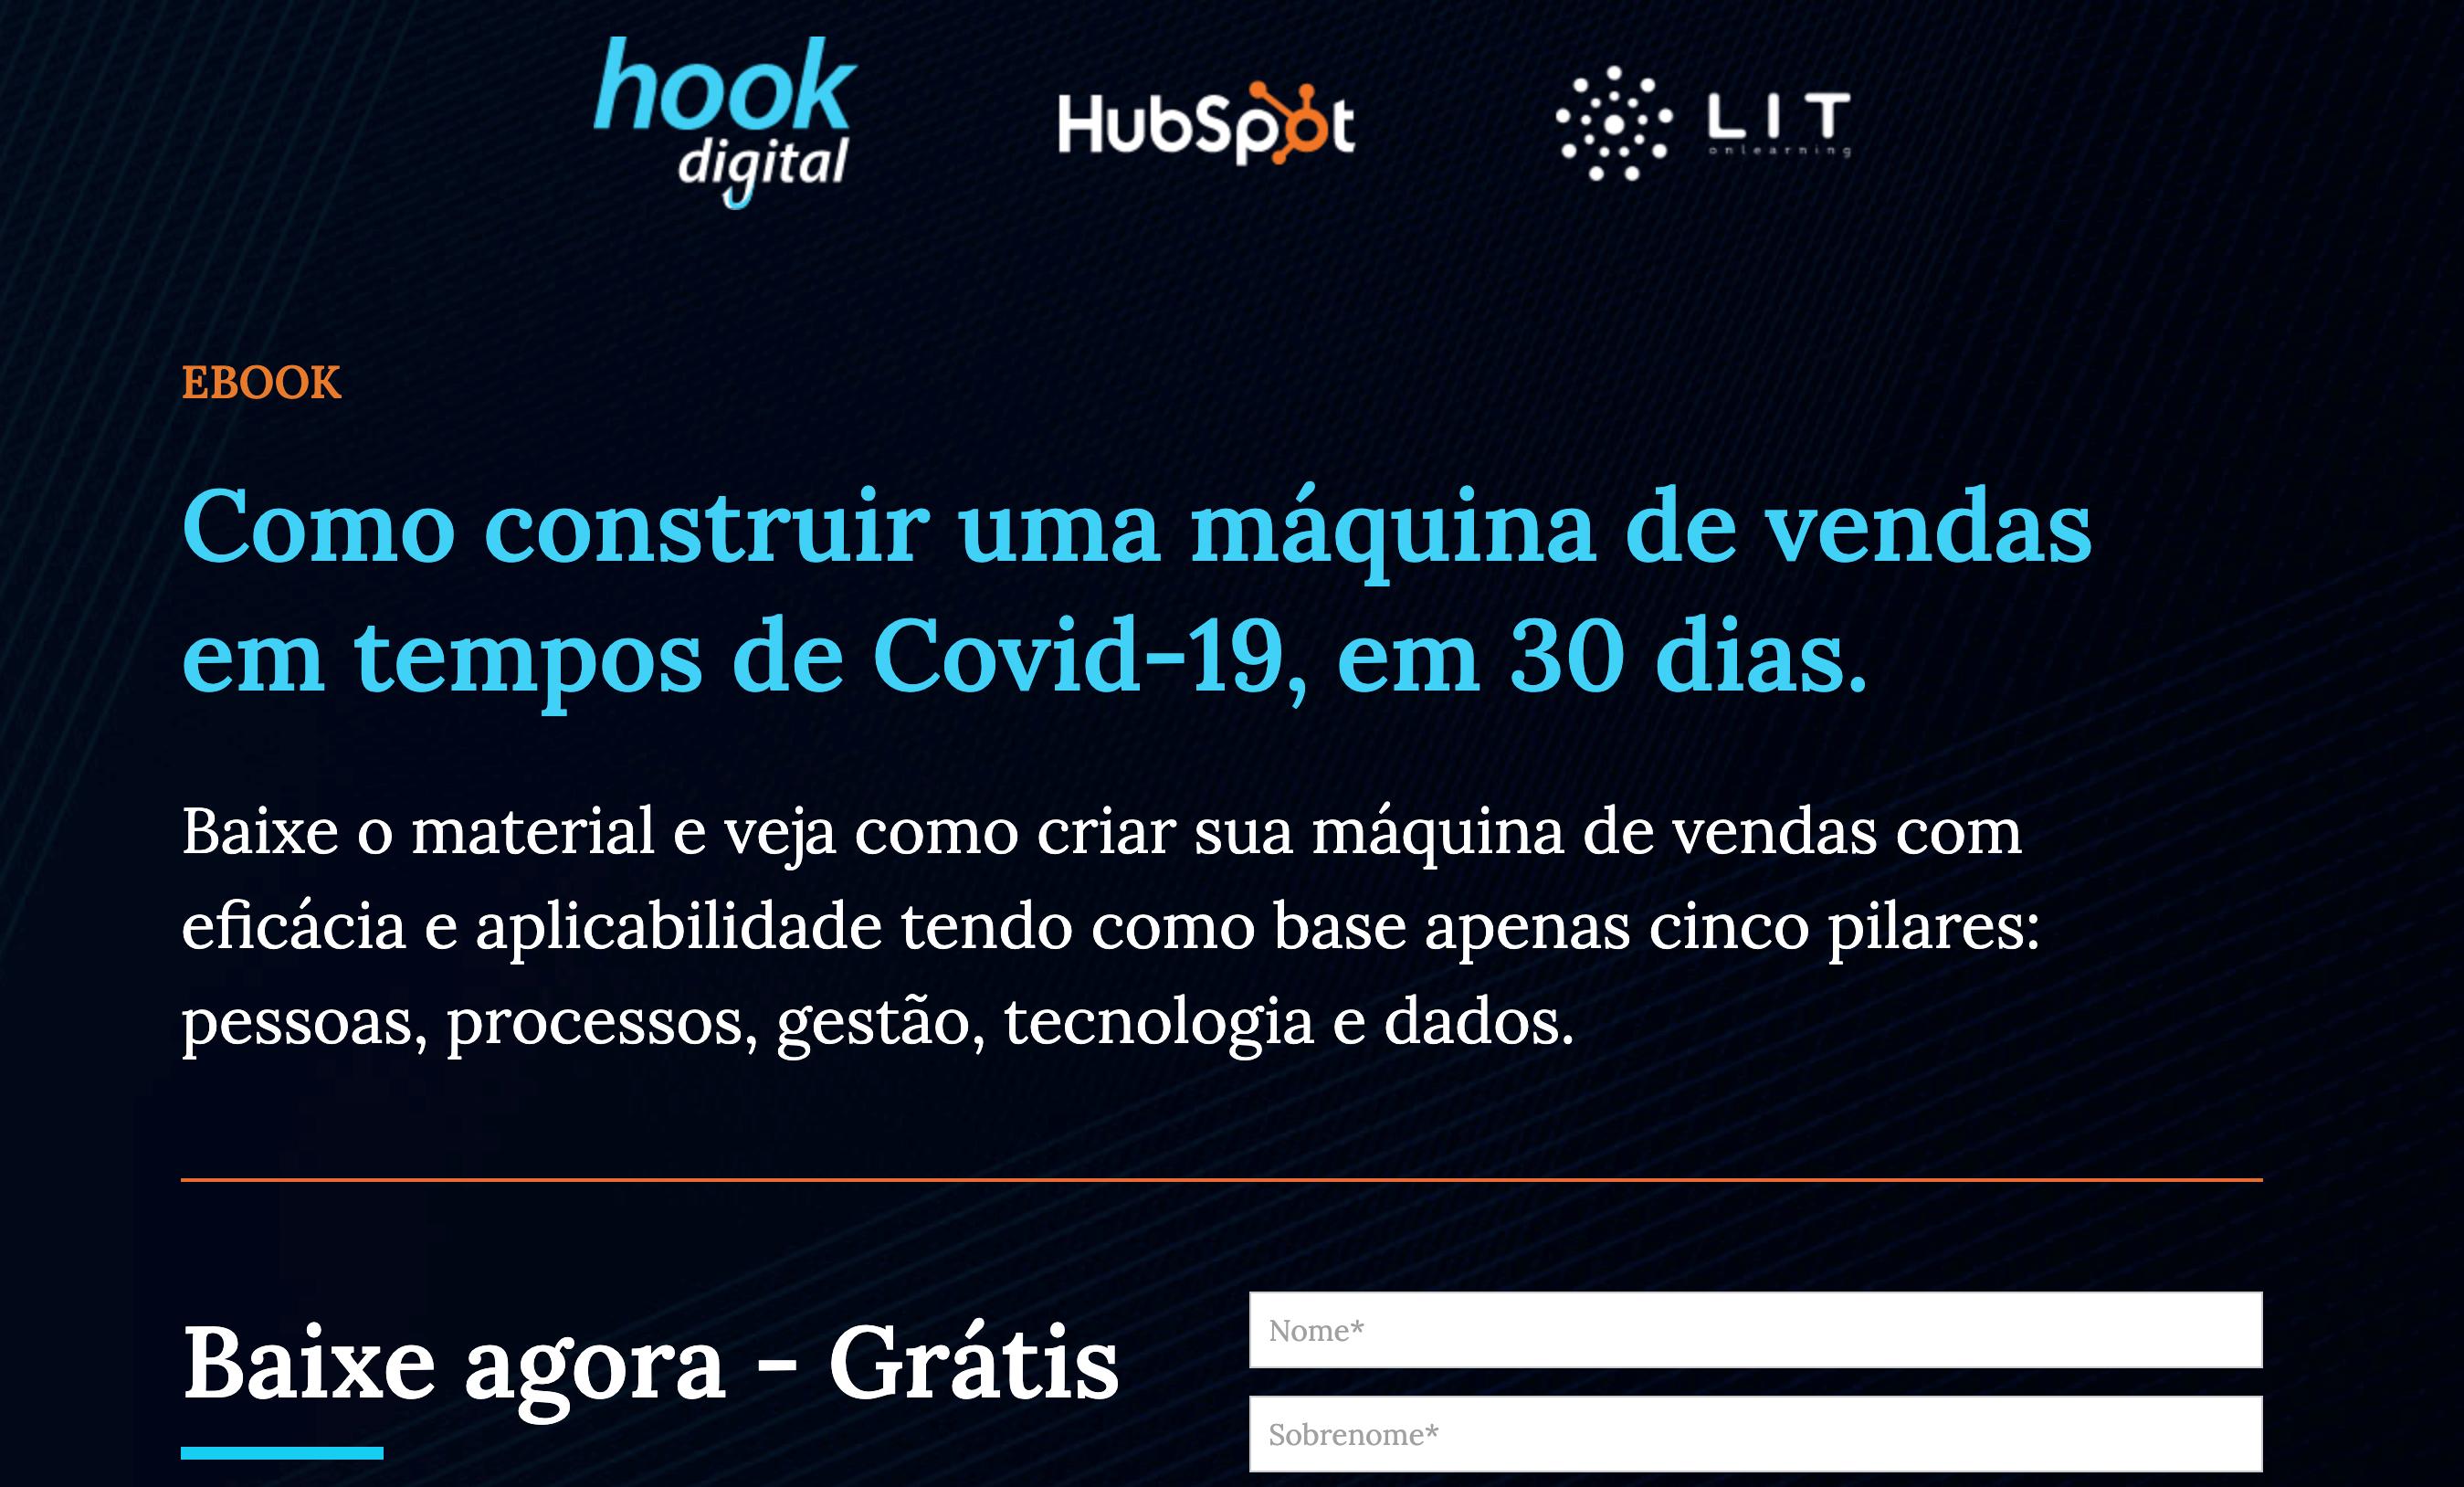 Hook Digital Ebook